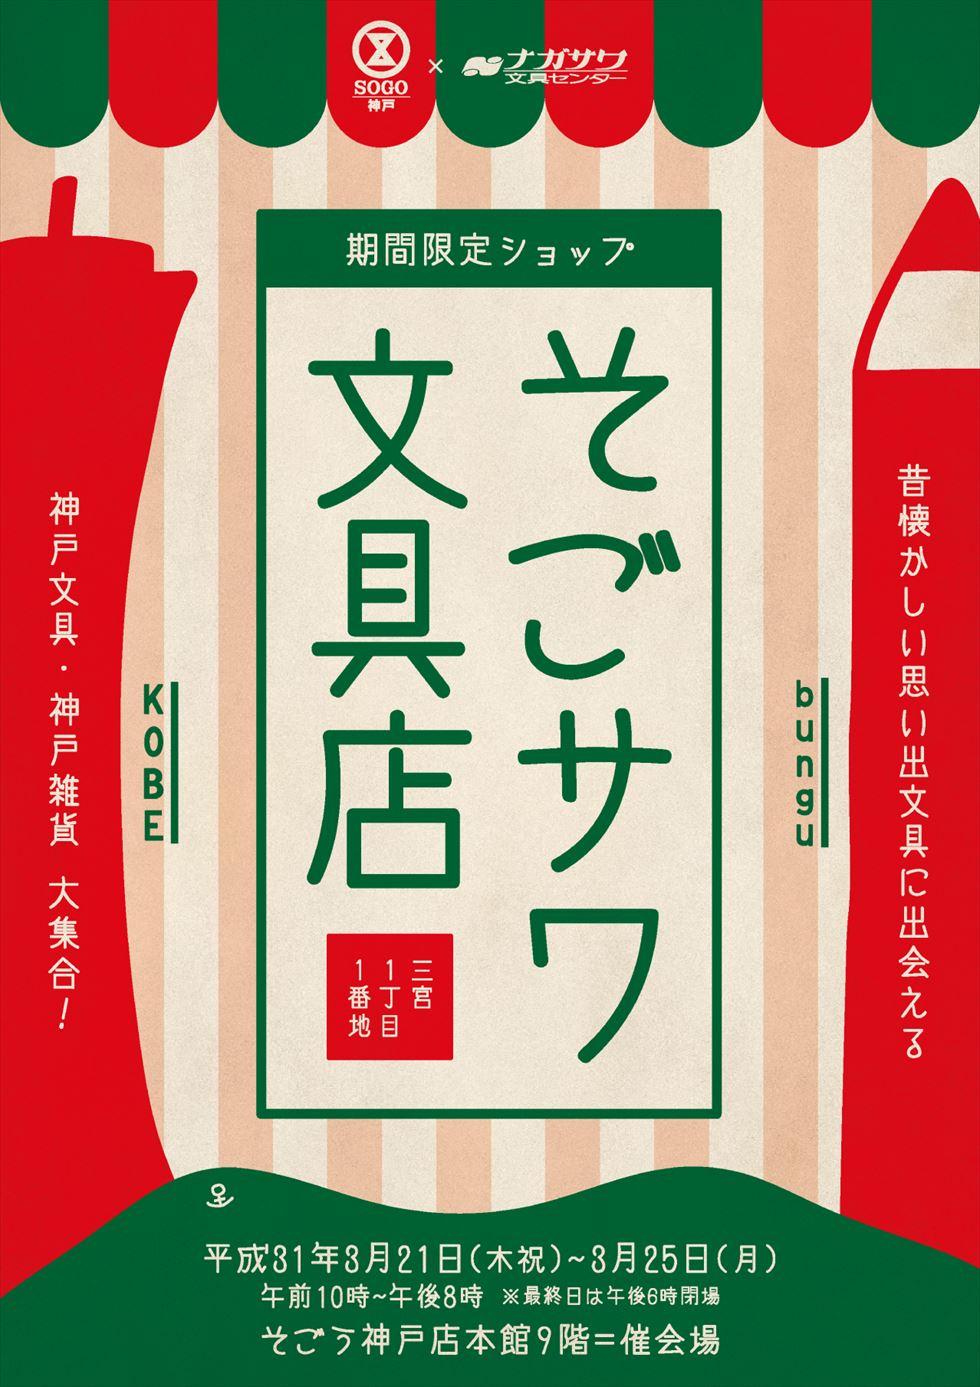 【そごう神戸店×ナガサワ文具センター】期間限定SHOP 『そごサワ文具店』 開店!